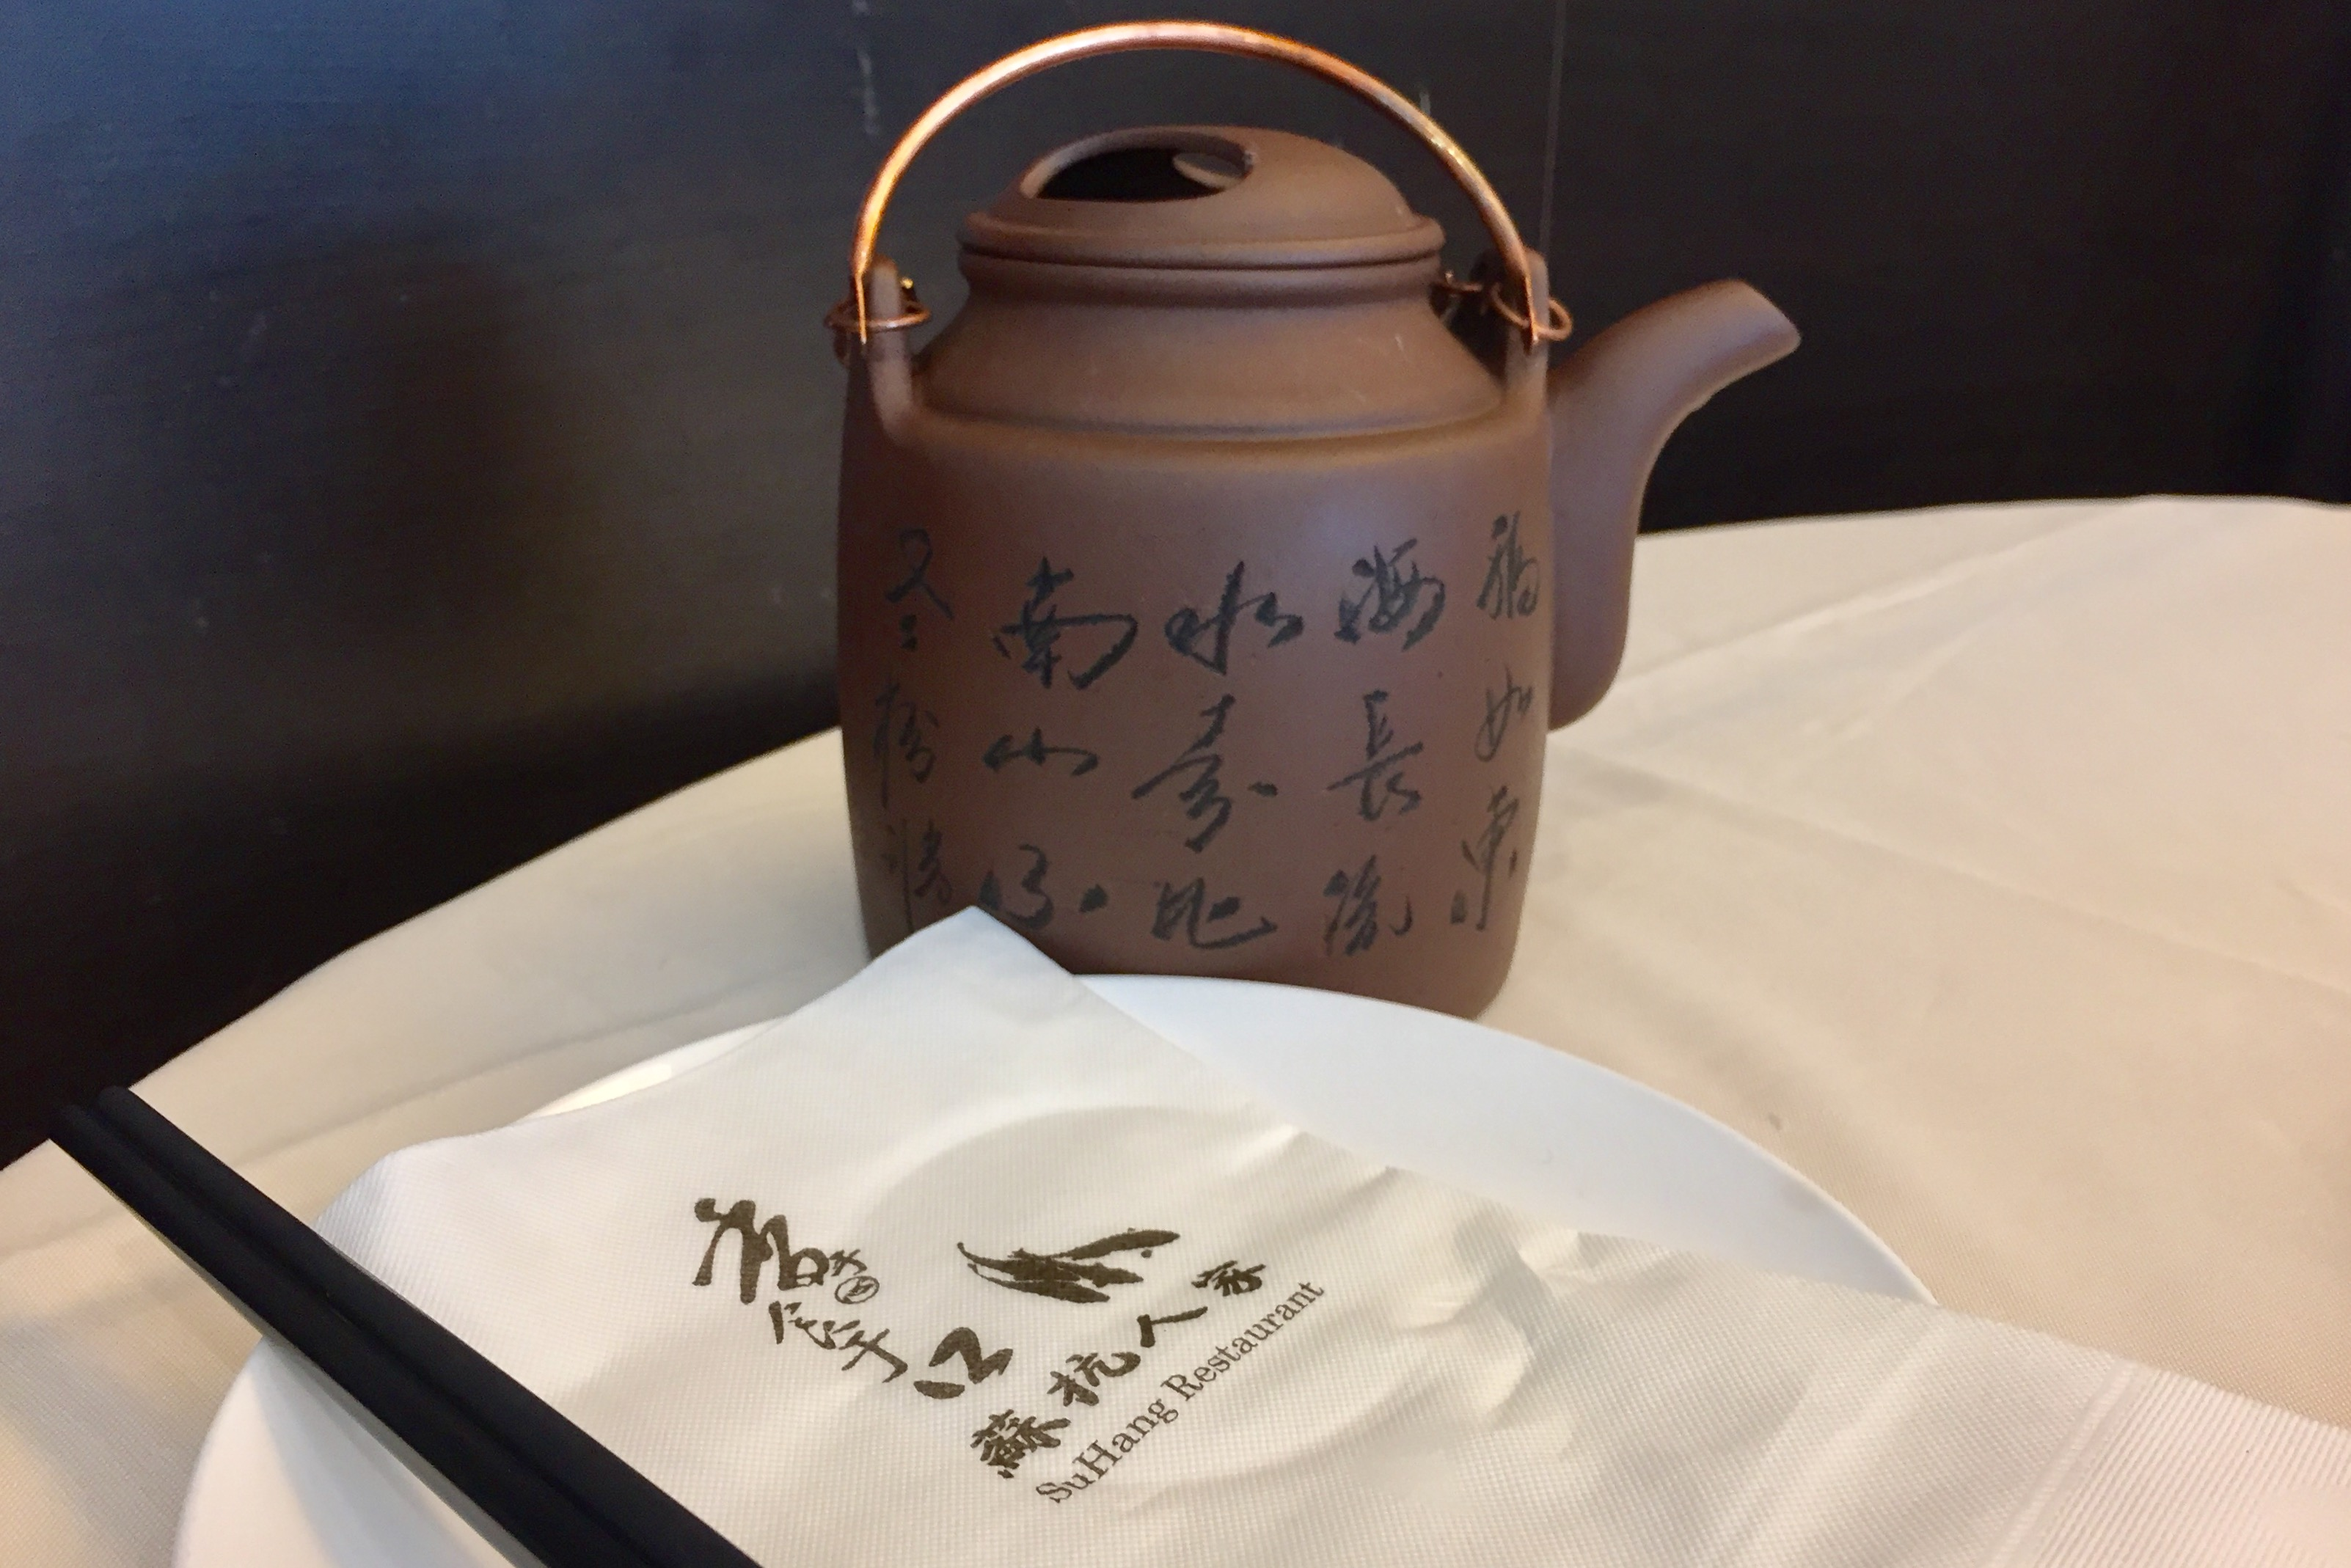 suhang restaurant - @pickydiner